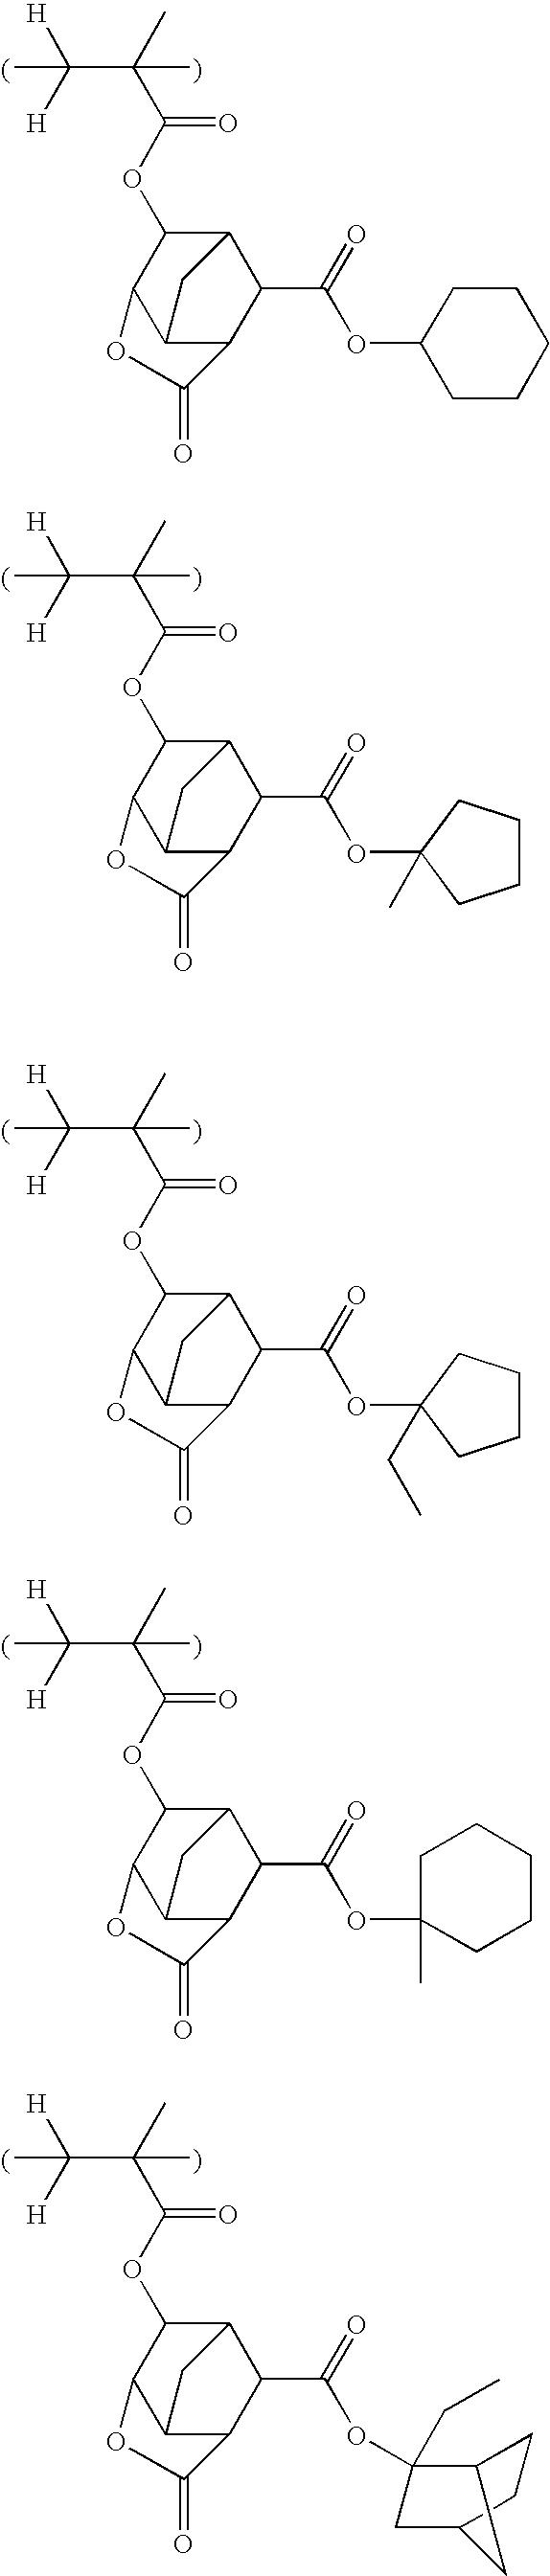 Figure US07569326-20090804-C00041